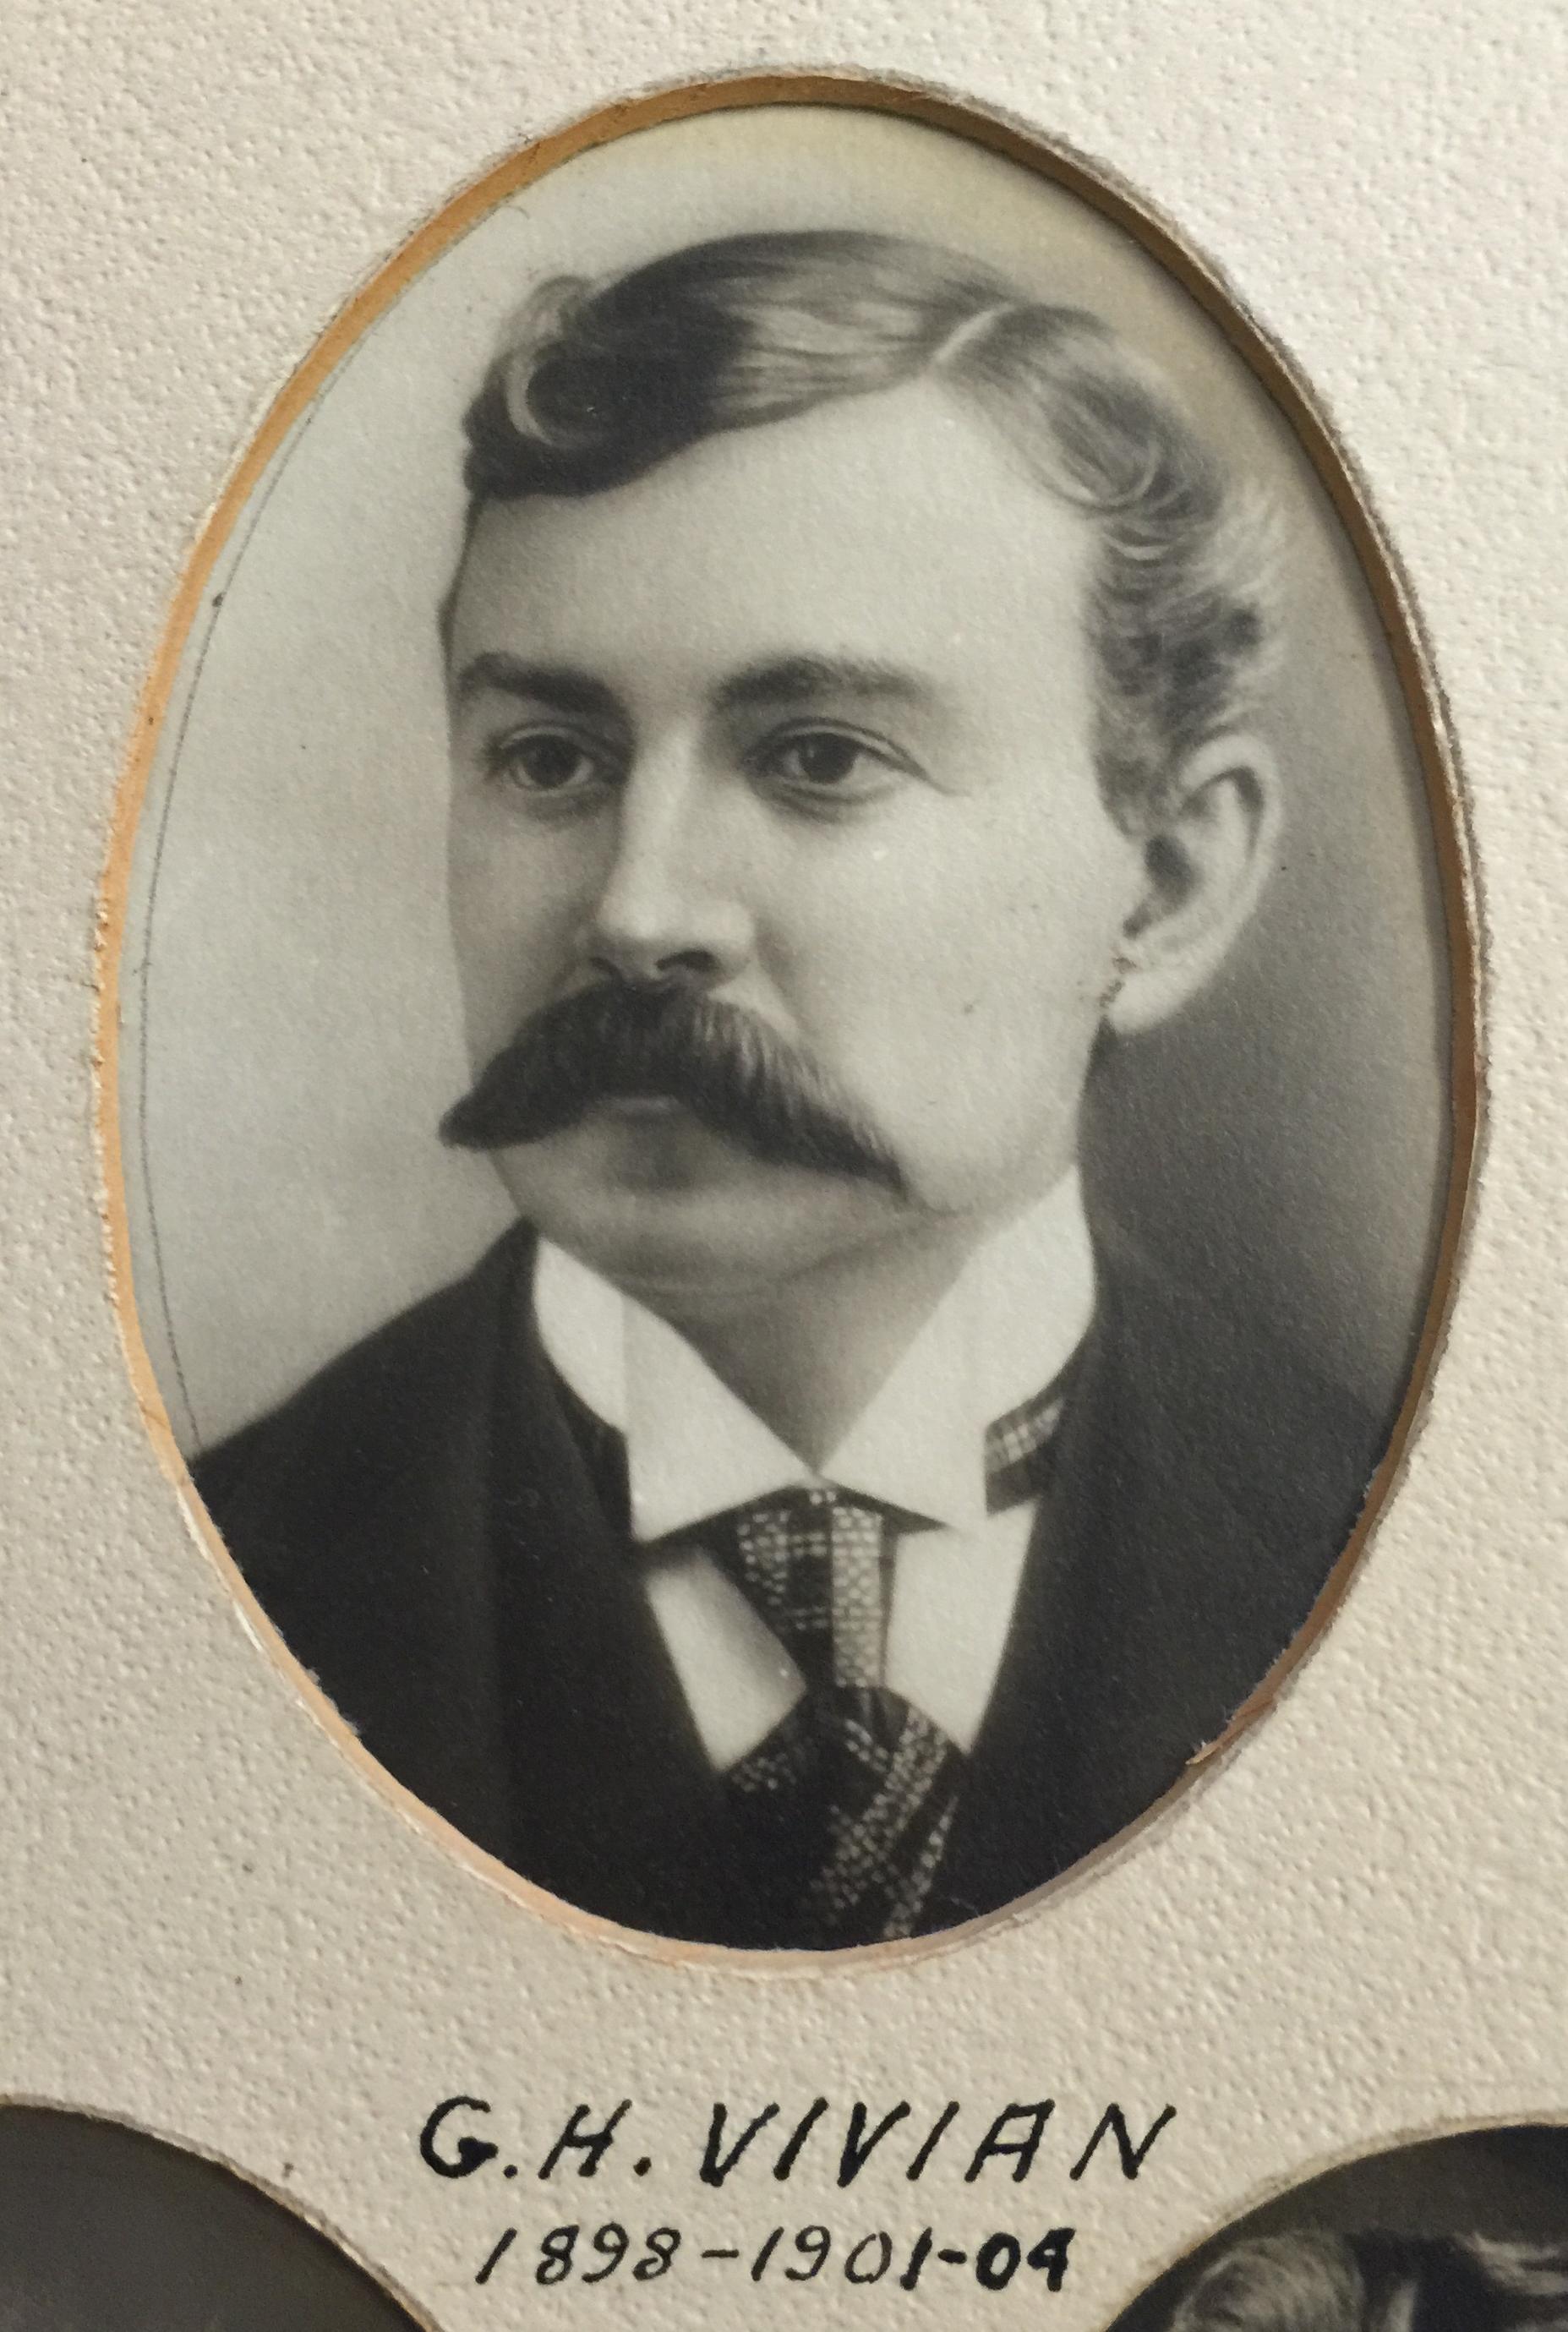 1898-1901-1904 G.H. Vivian